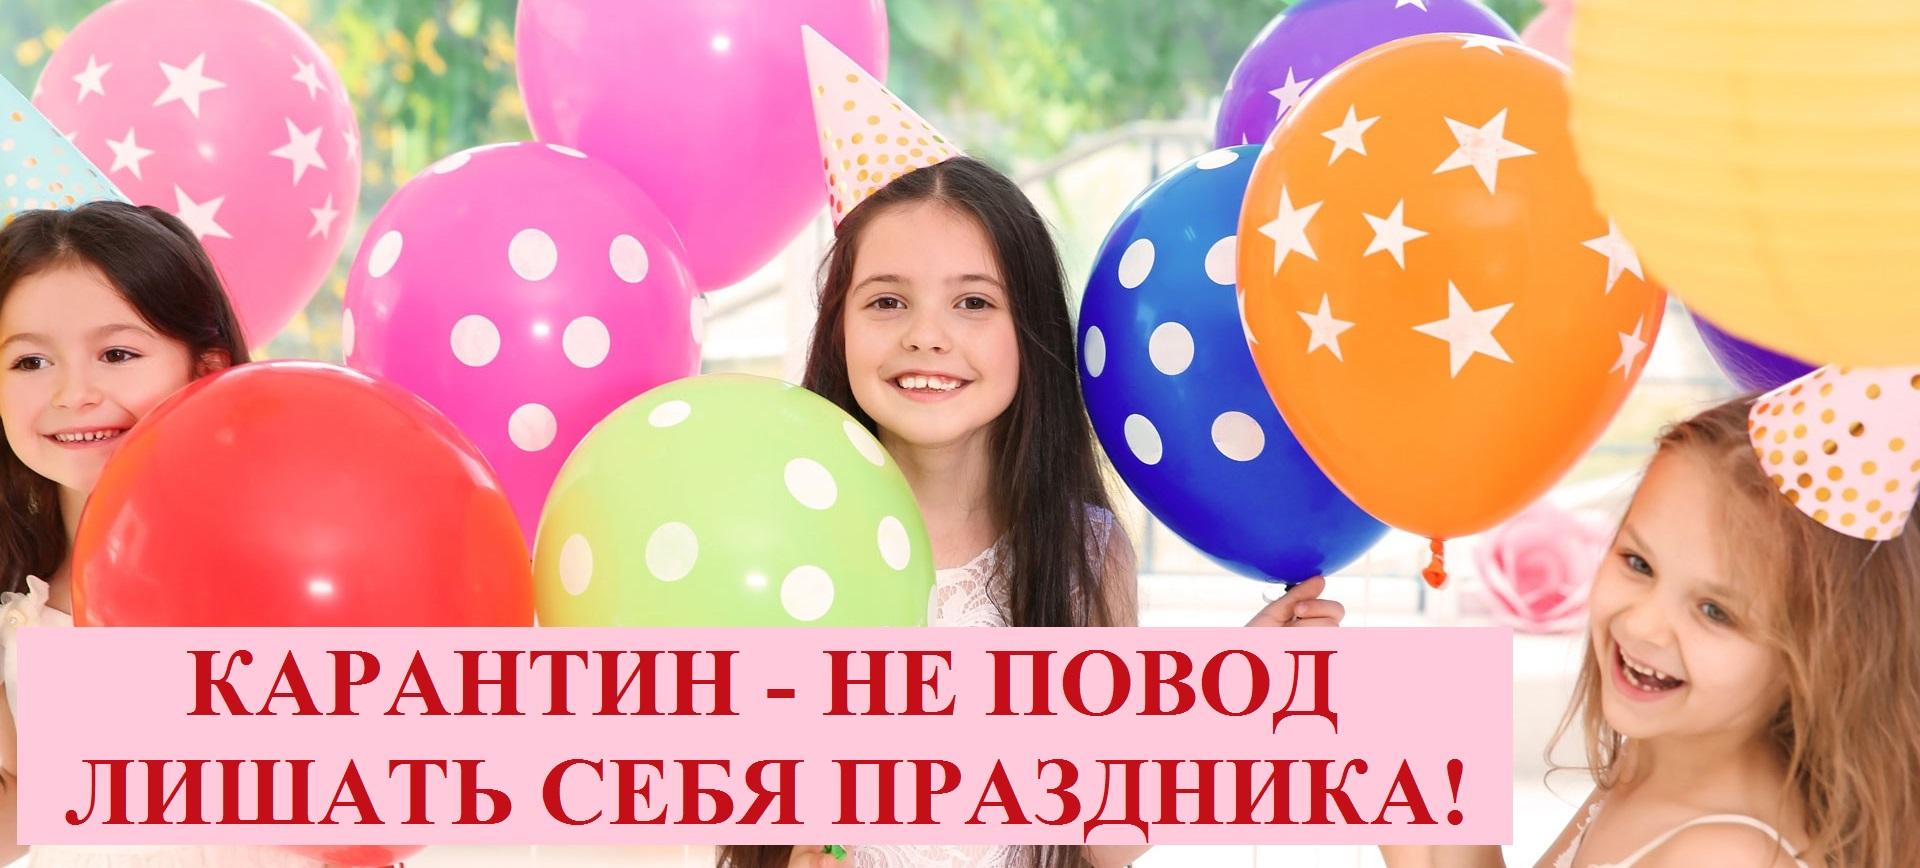 Гелиевые шары в Москве